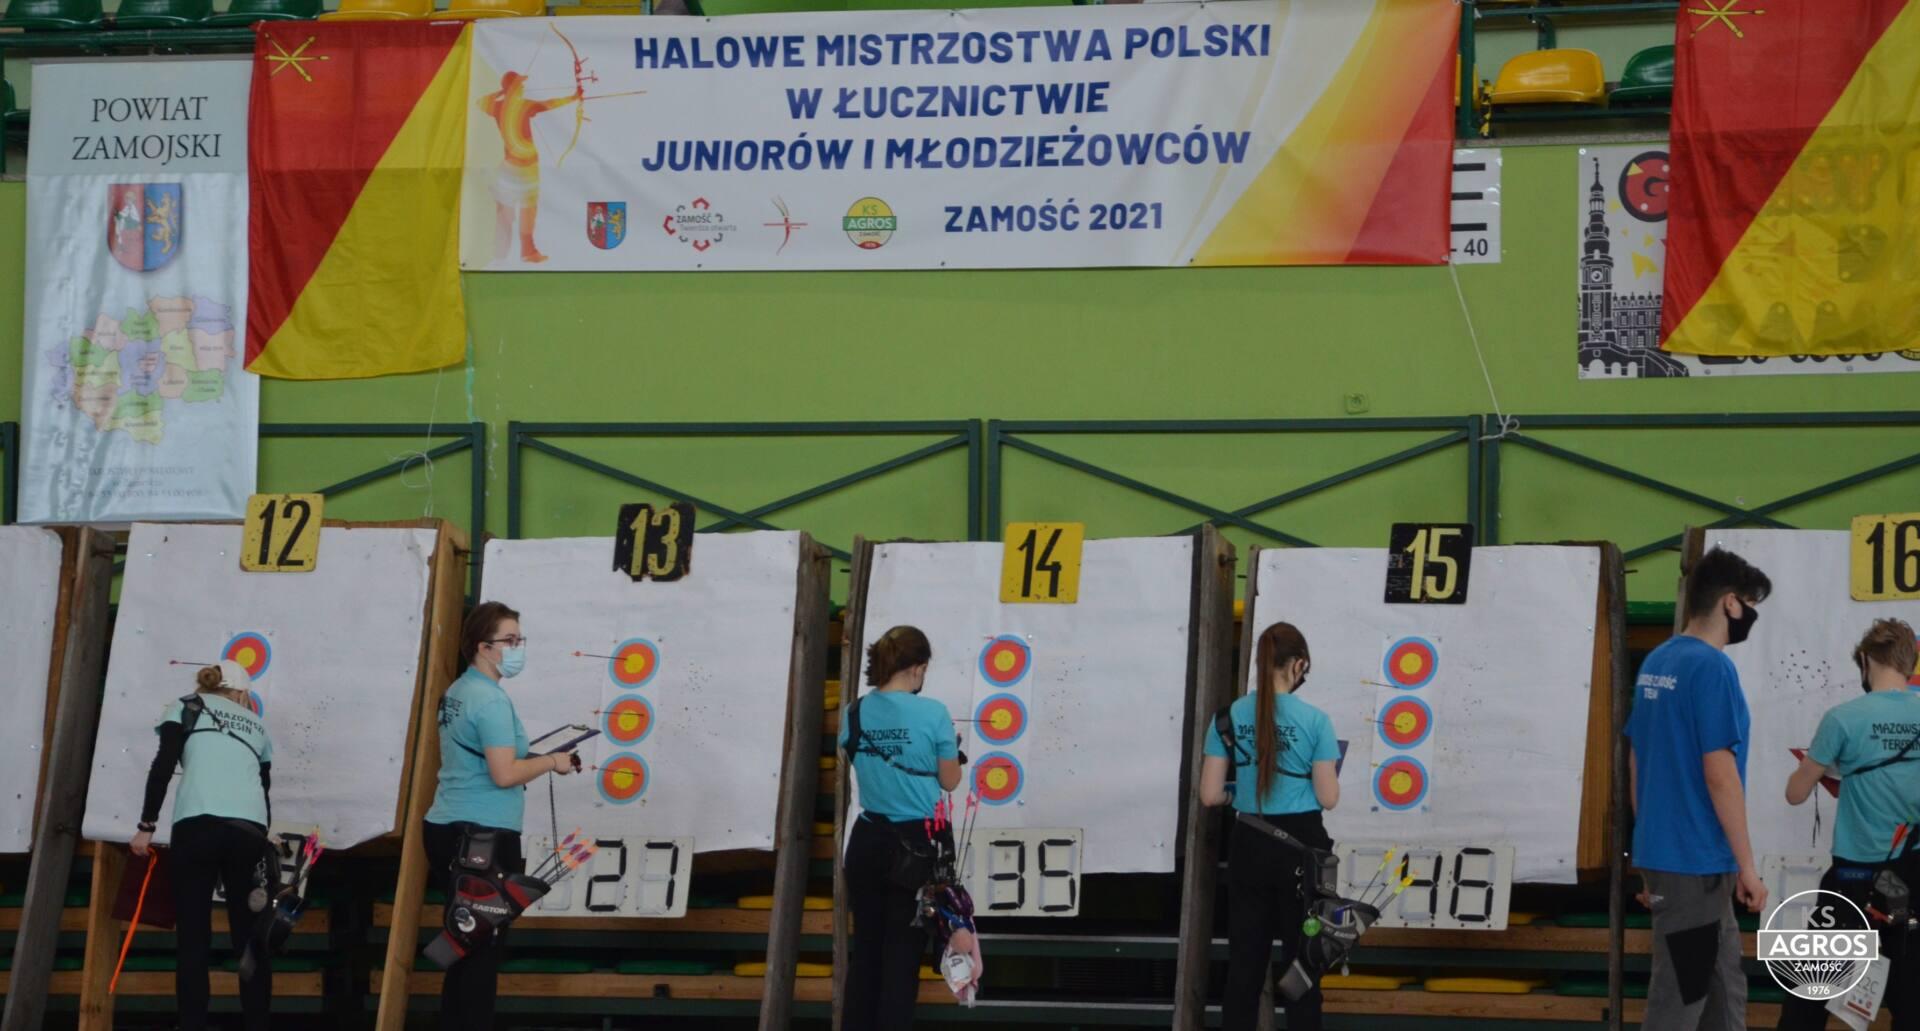 dsc 0018 Zamość był gospodarzem Halowych Mistrzostw Polski w Łucznictwie